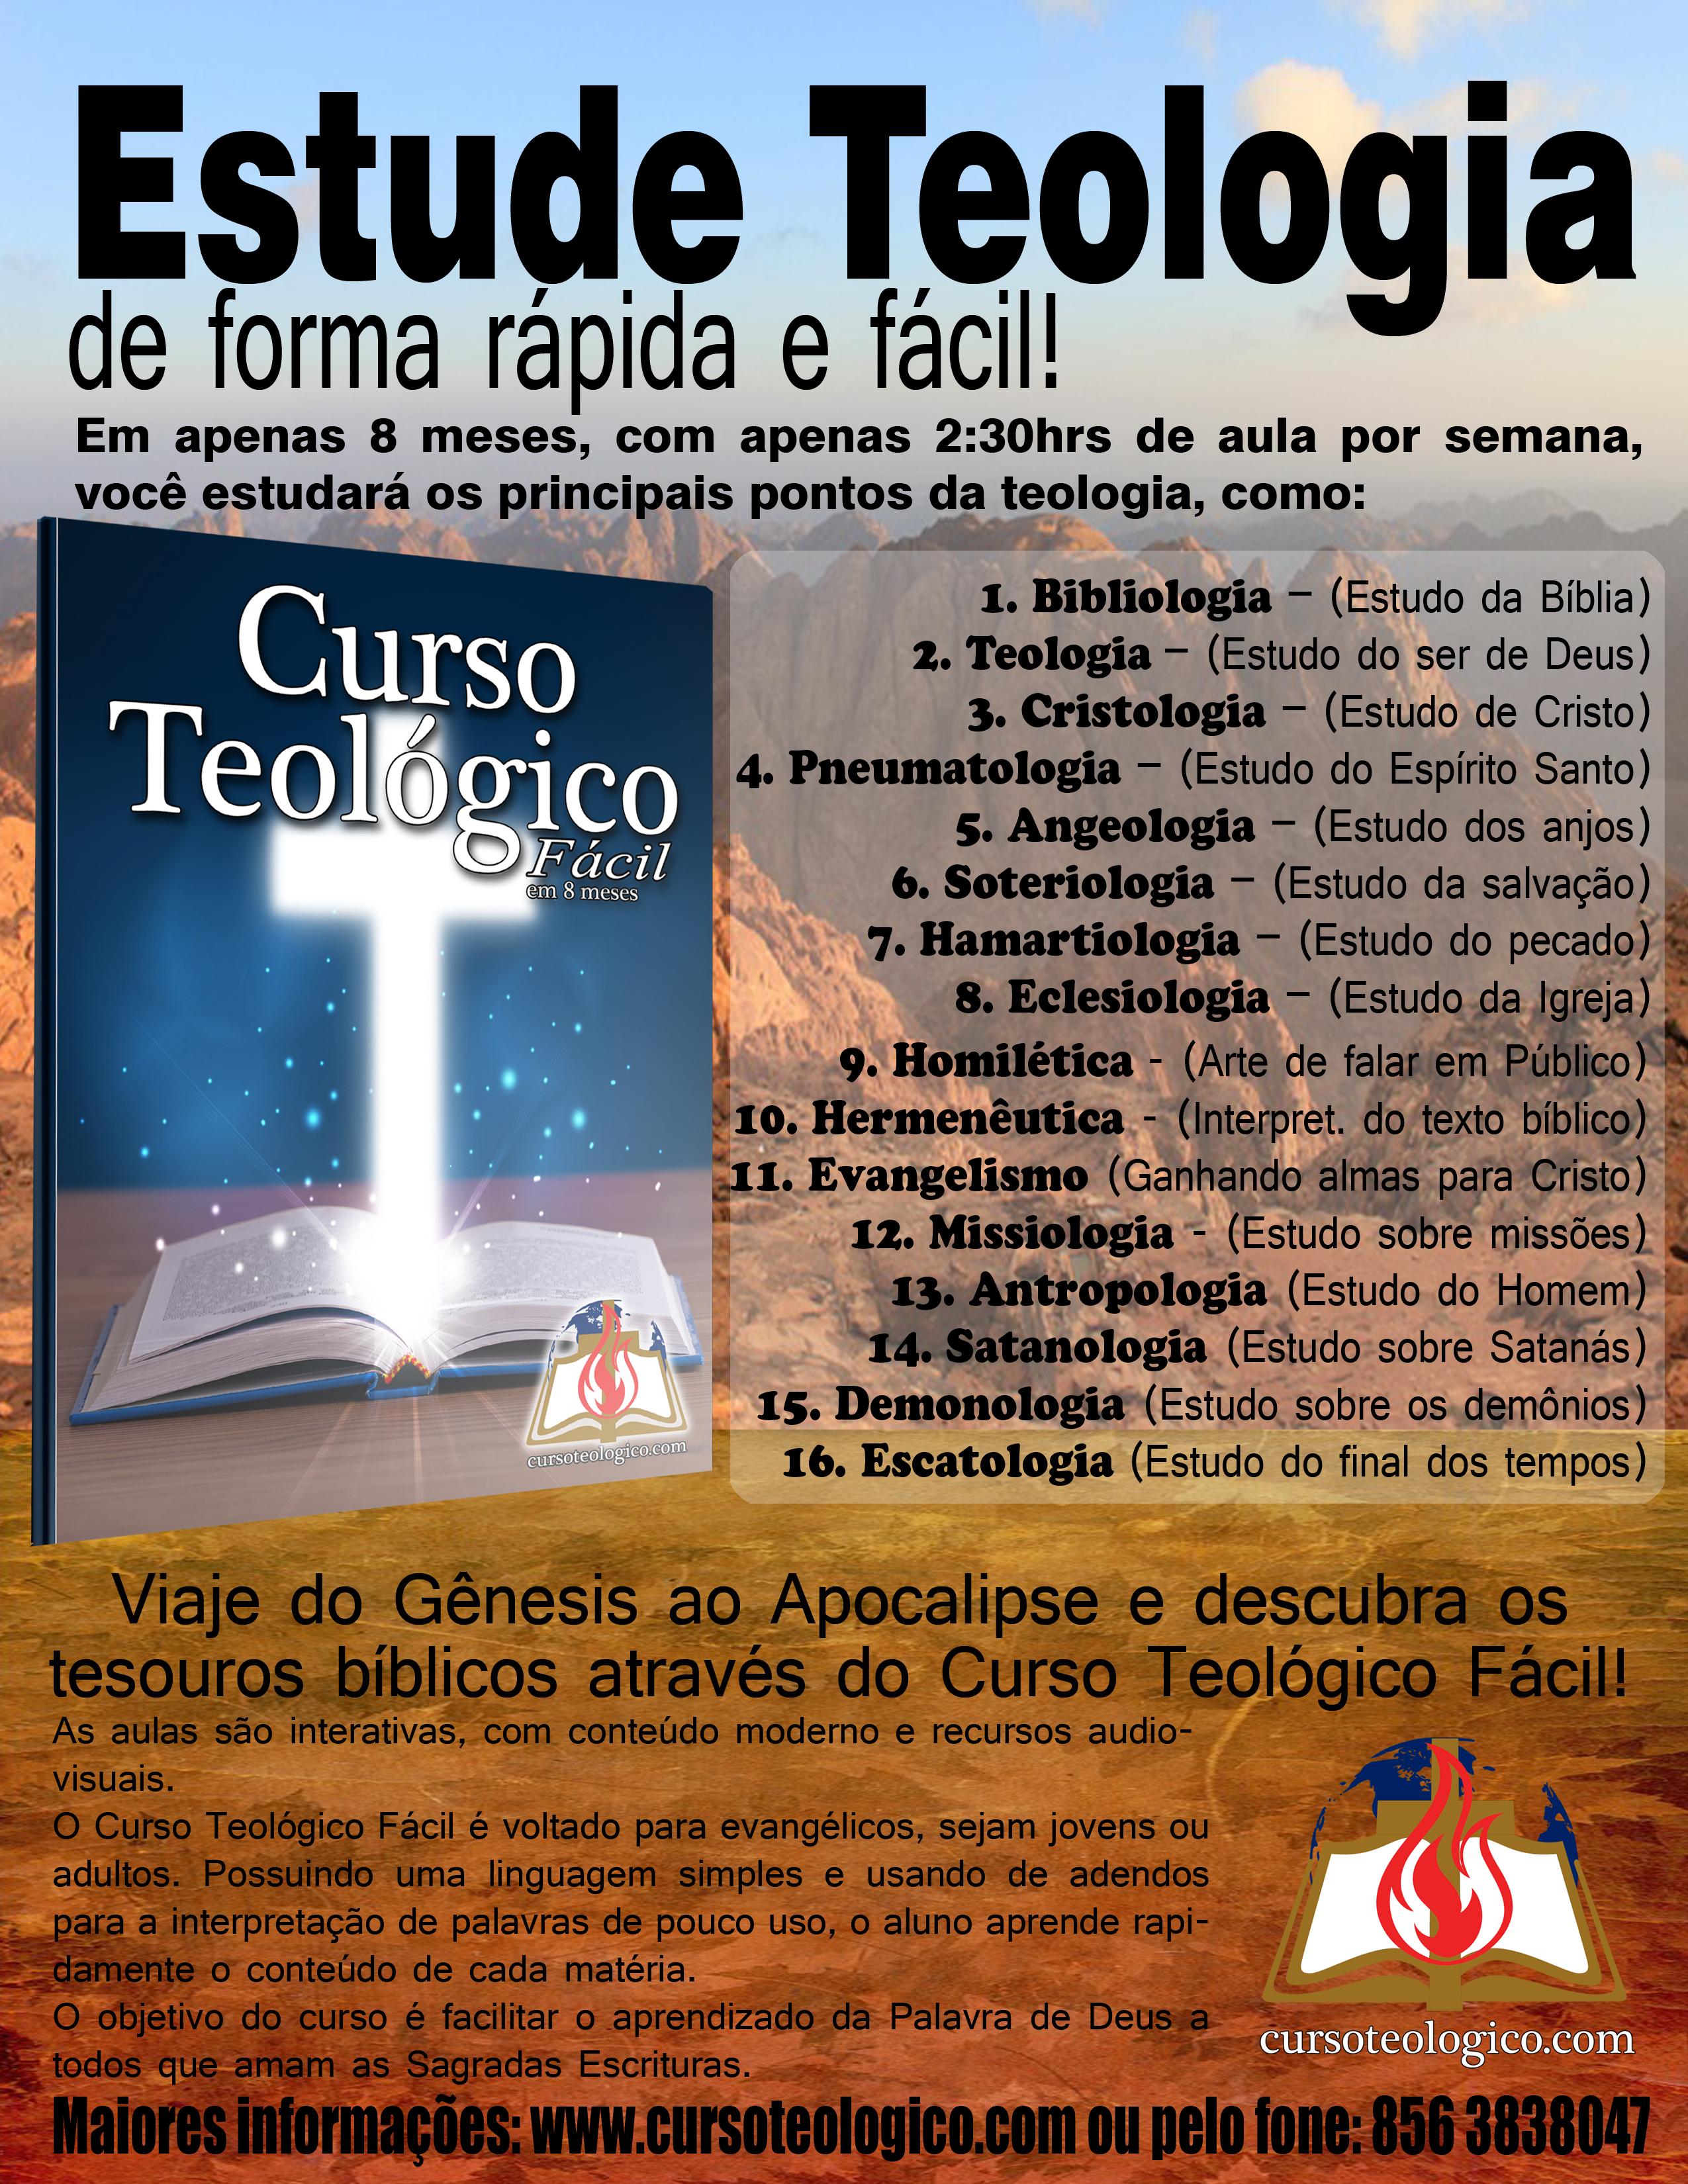 Curso Teológico Fácil - Satanalogia e Demonologia